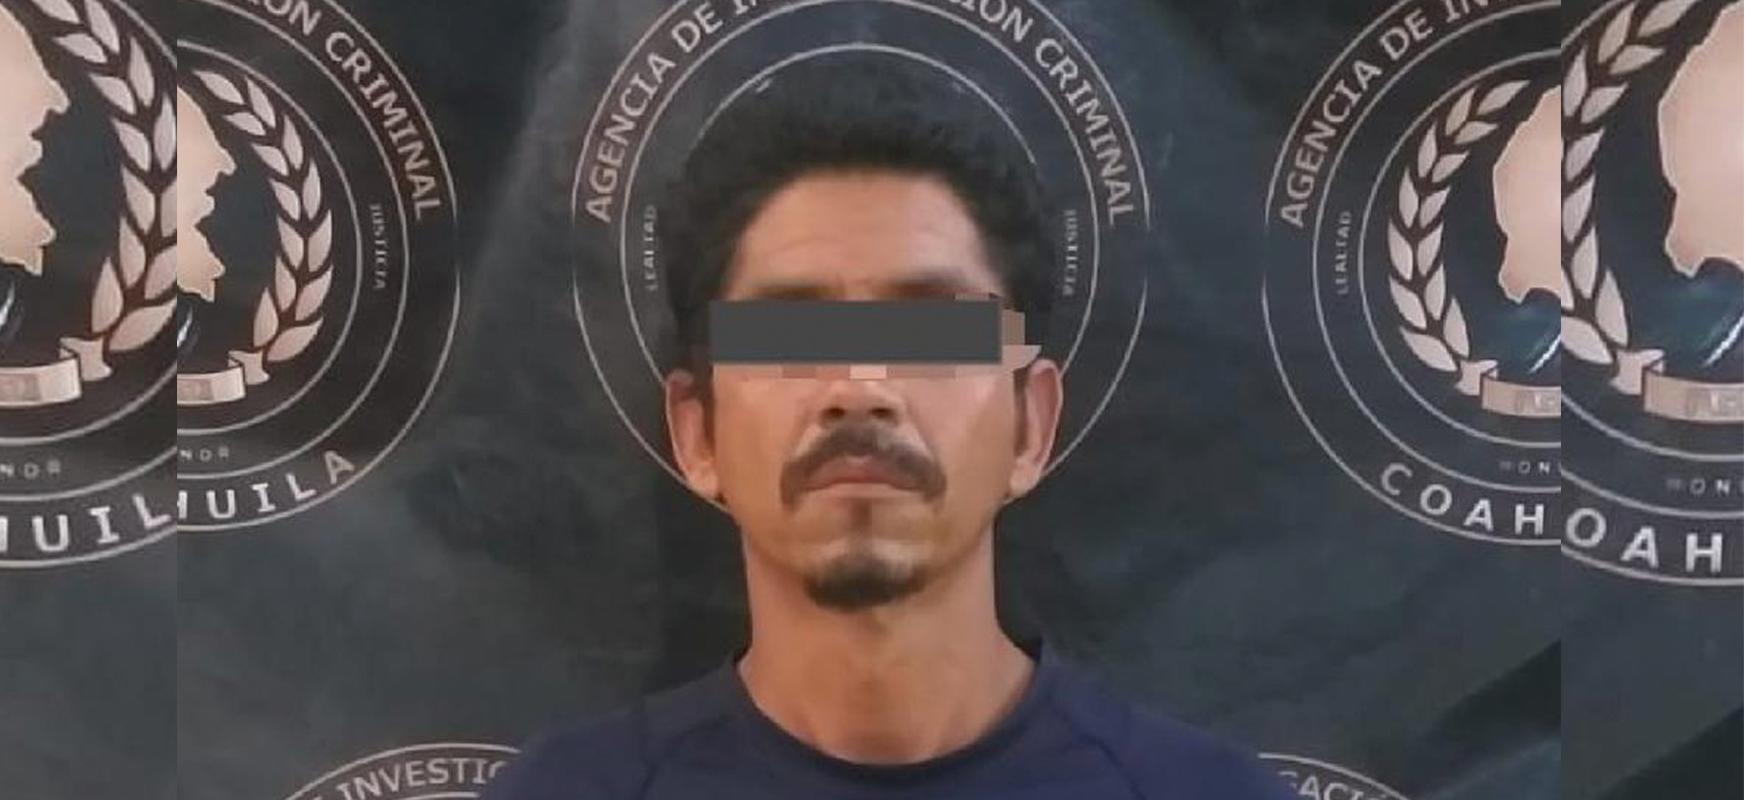 Vinculan a proceso a homicida en Torreón: De un tiro mató a una mujer en un bar